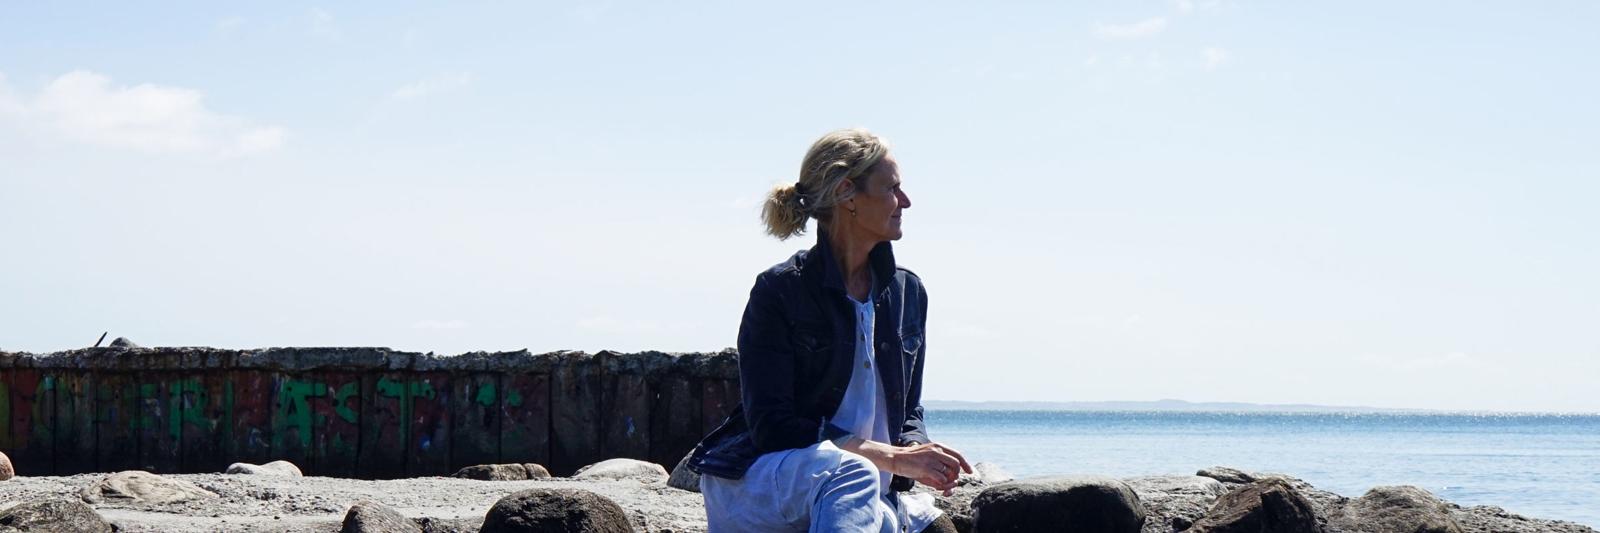 Sexolog og psykoterapeut Sus Rasmussen tilbyder sexologisk rådgivning og parterapi